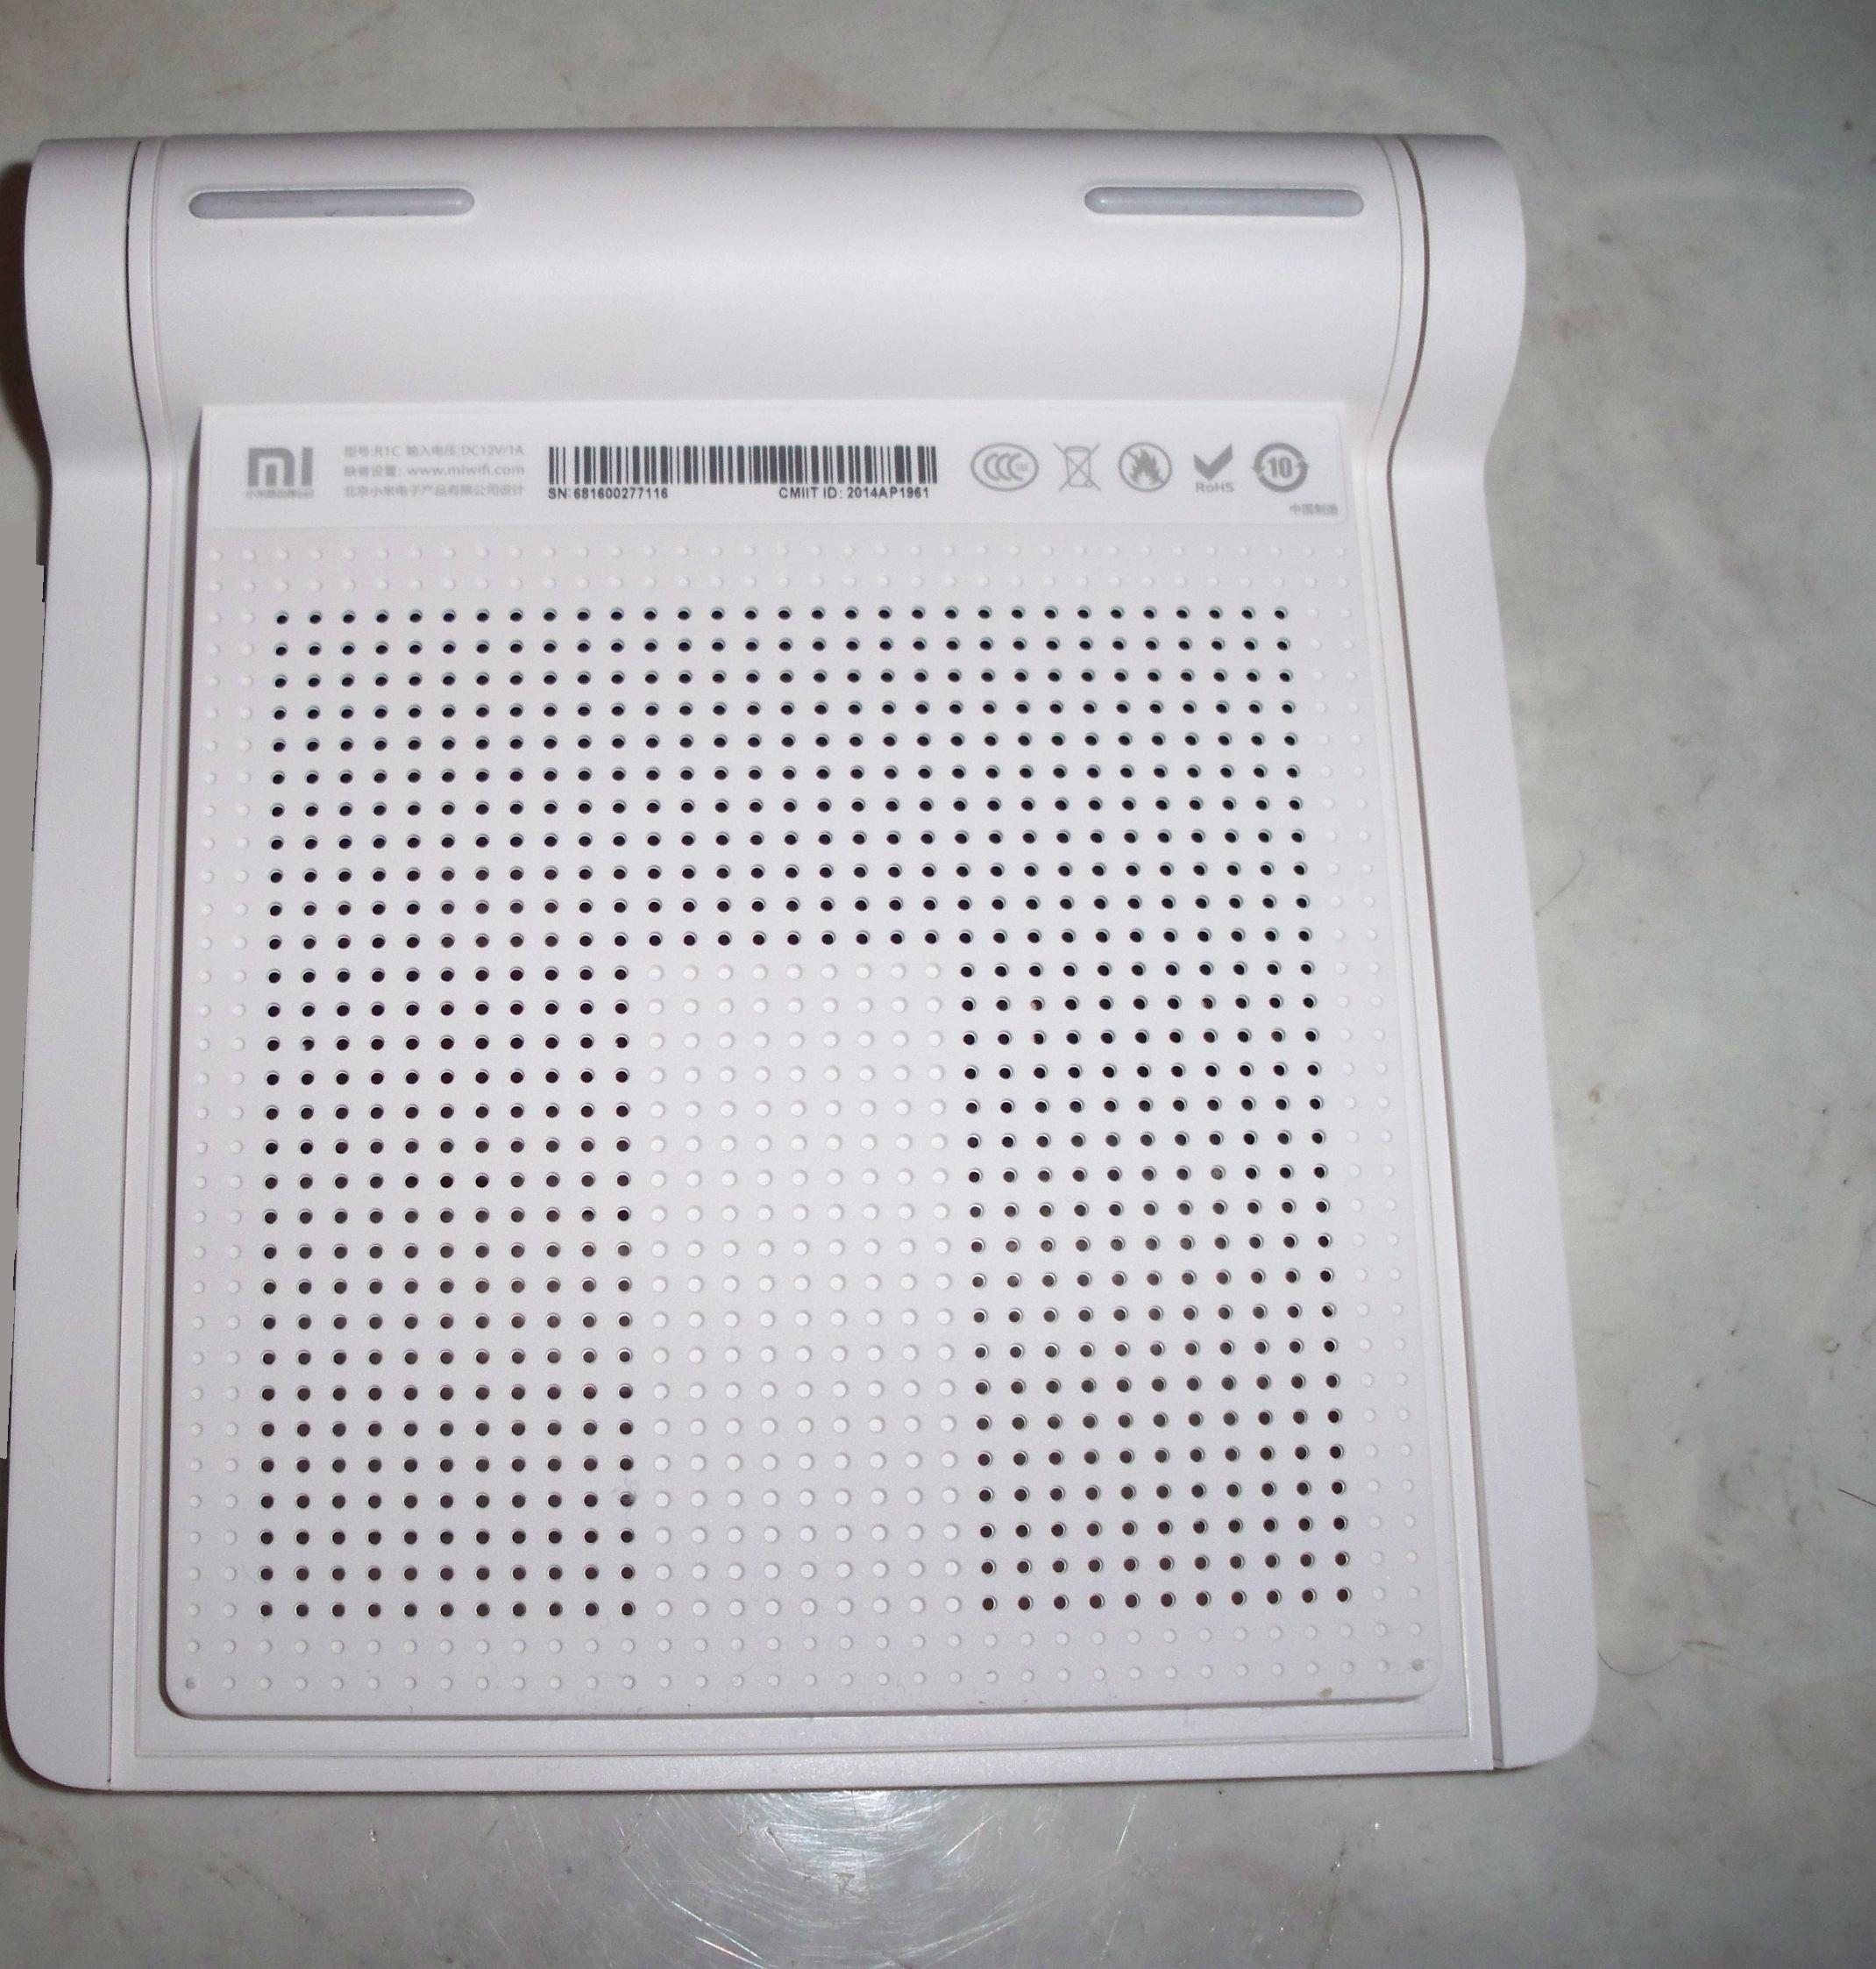 xiaomi-mini-router-dietro